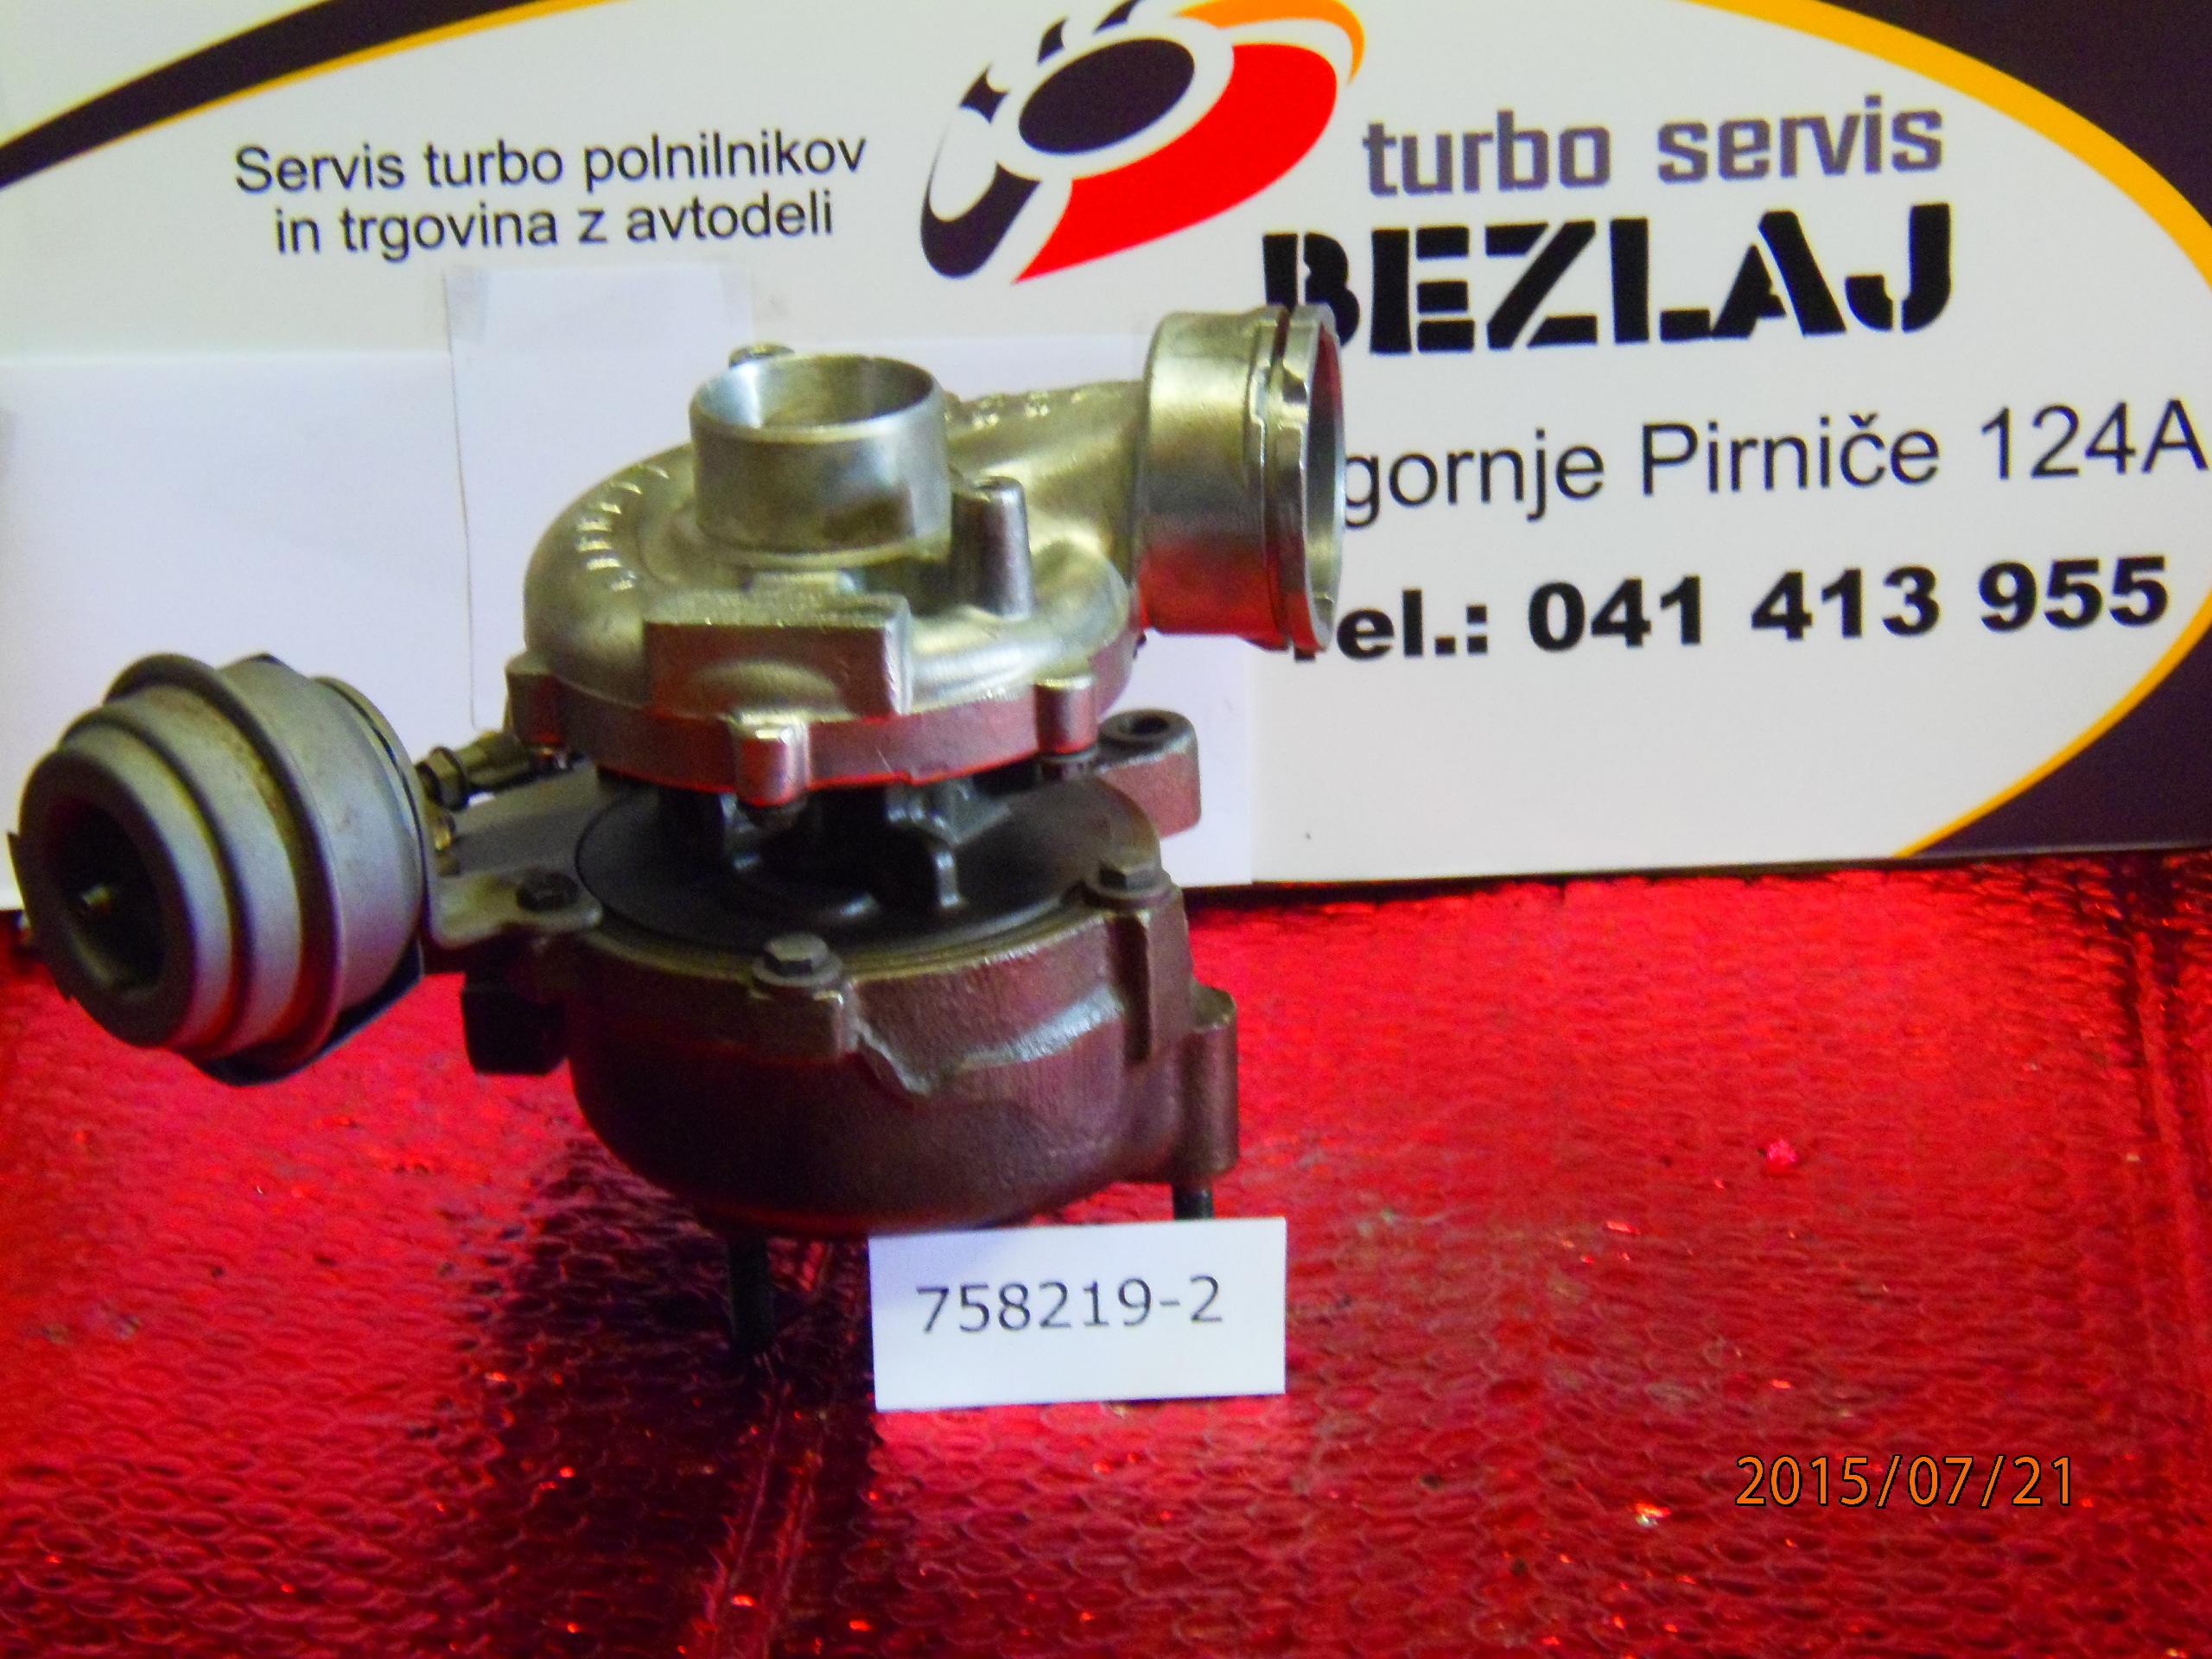 turbo758219-2